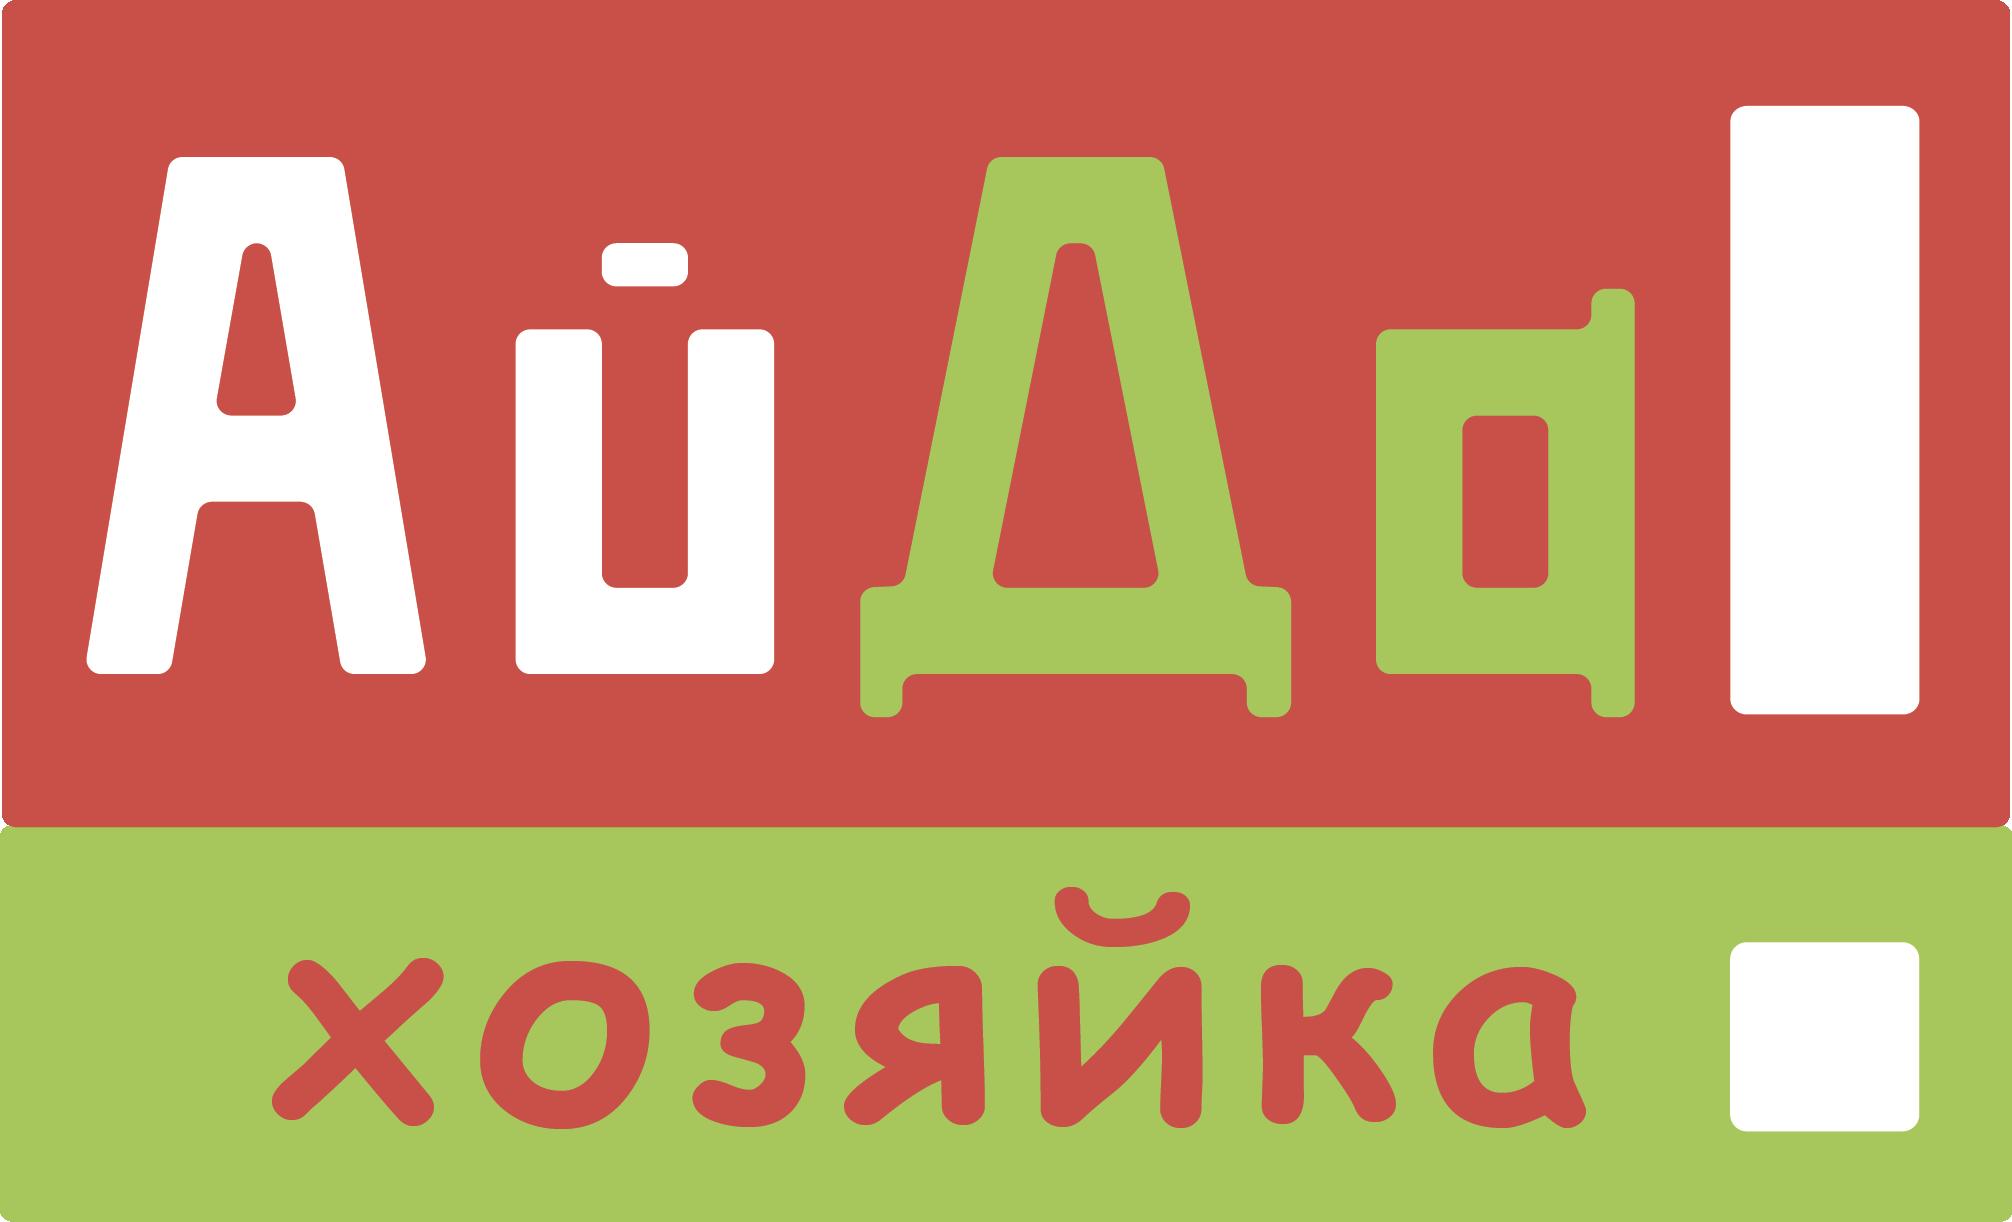 Дизайн логотипа и упаковки СТМ фото f_0225c5d396681fa1.png